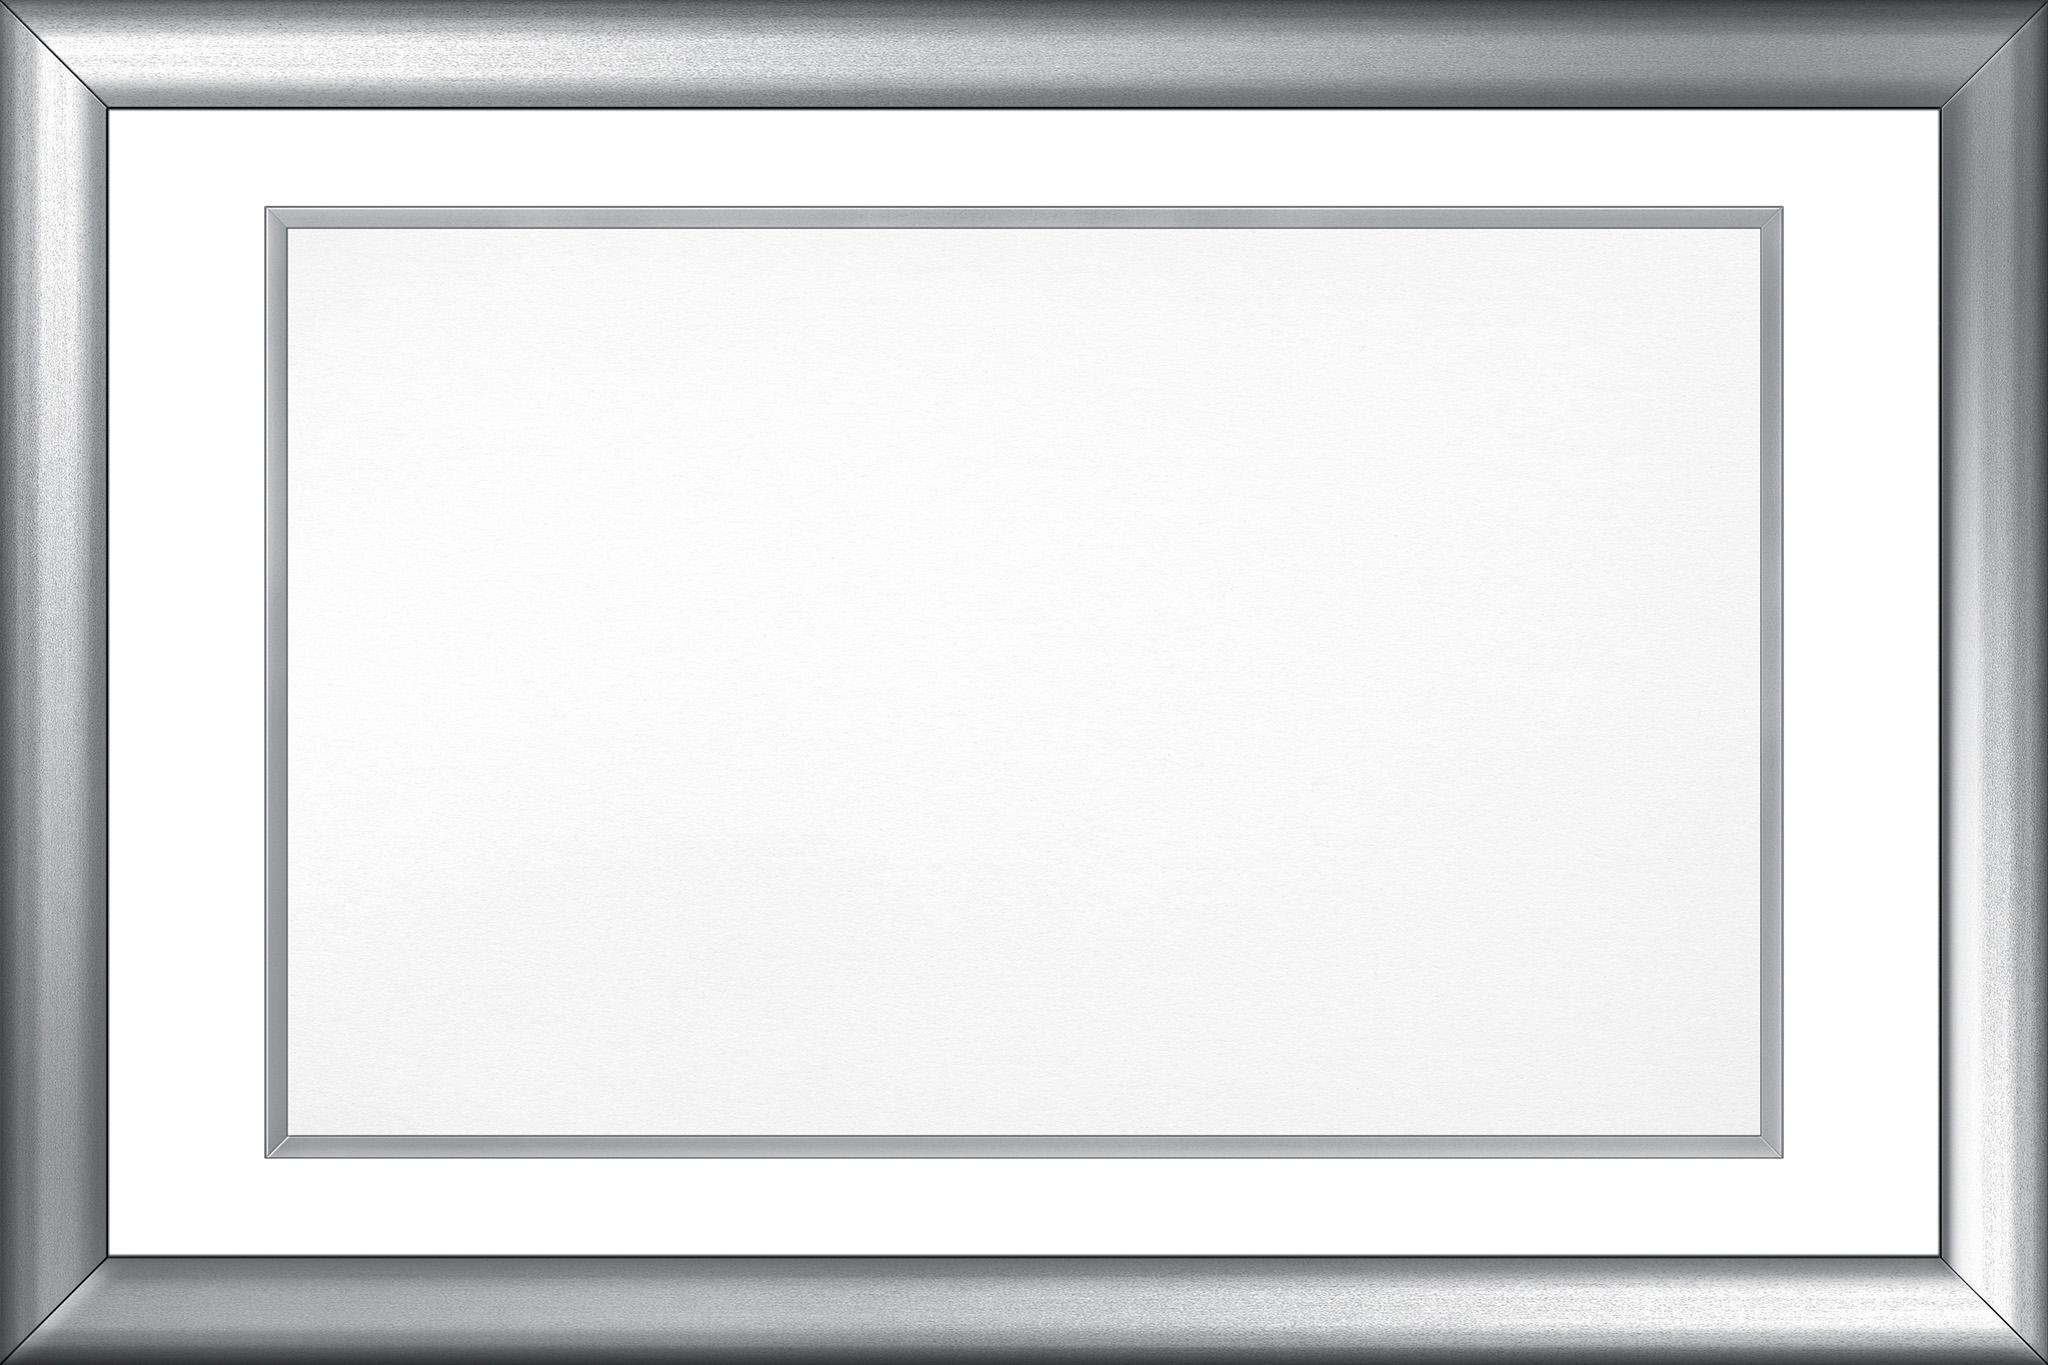 「シルバーのフレーム素材」の素材を無料ダウンロード